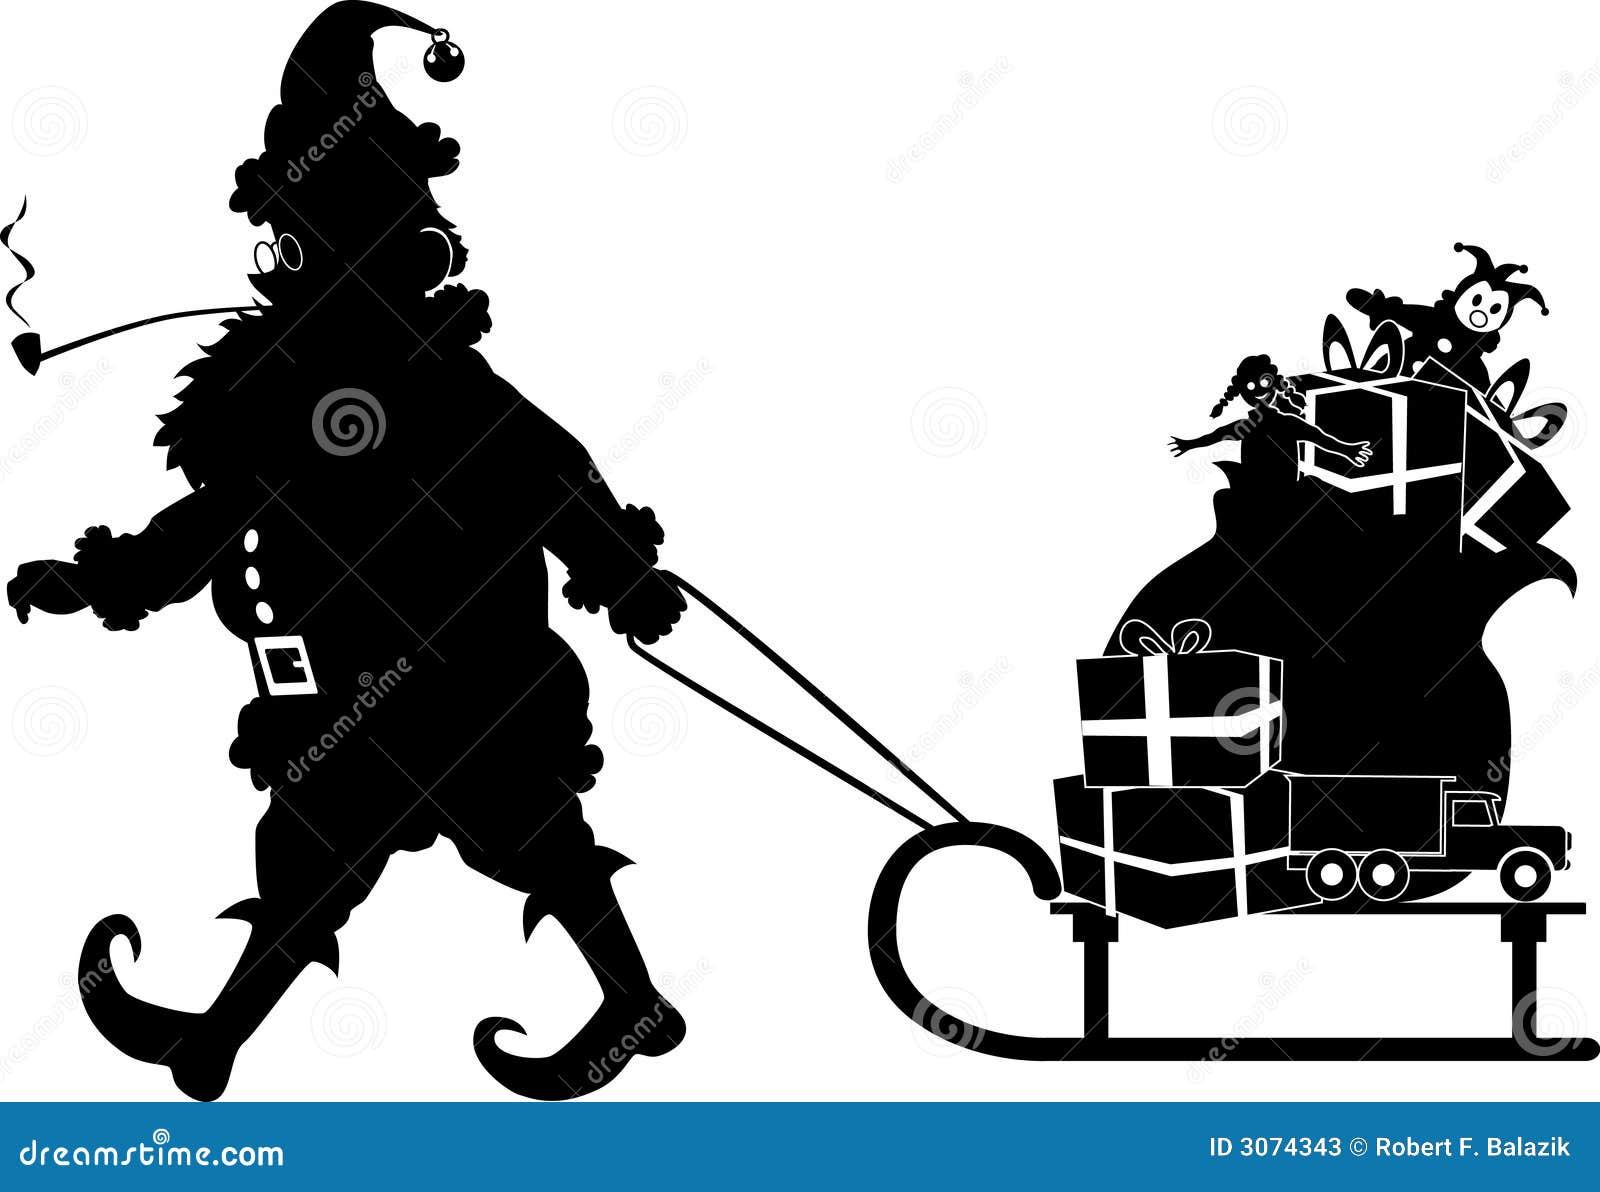 Santa_sled